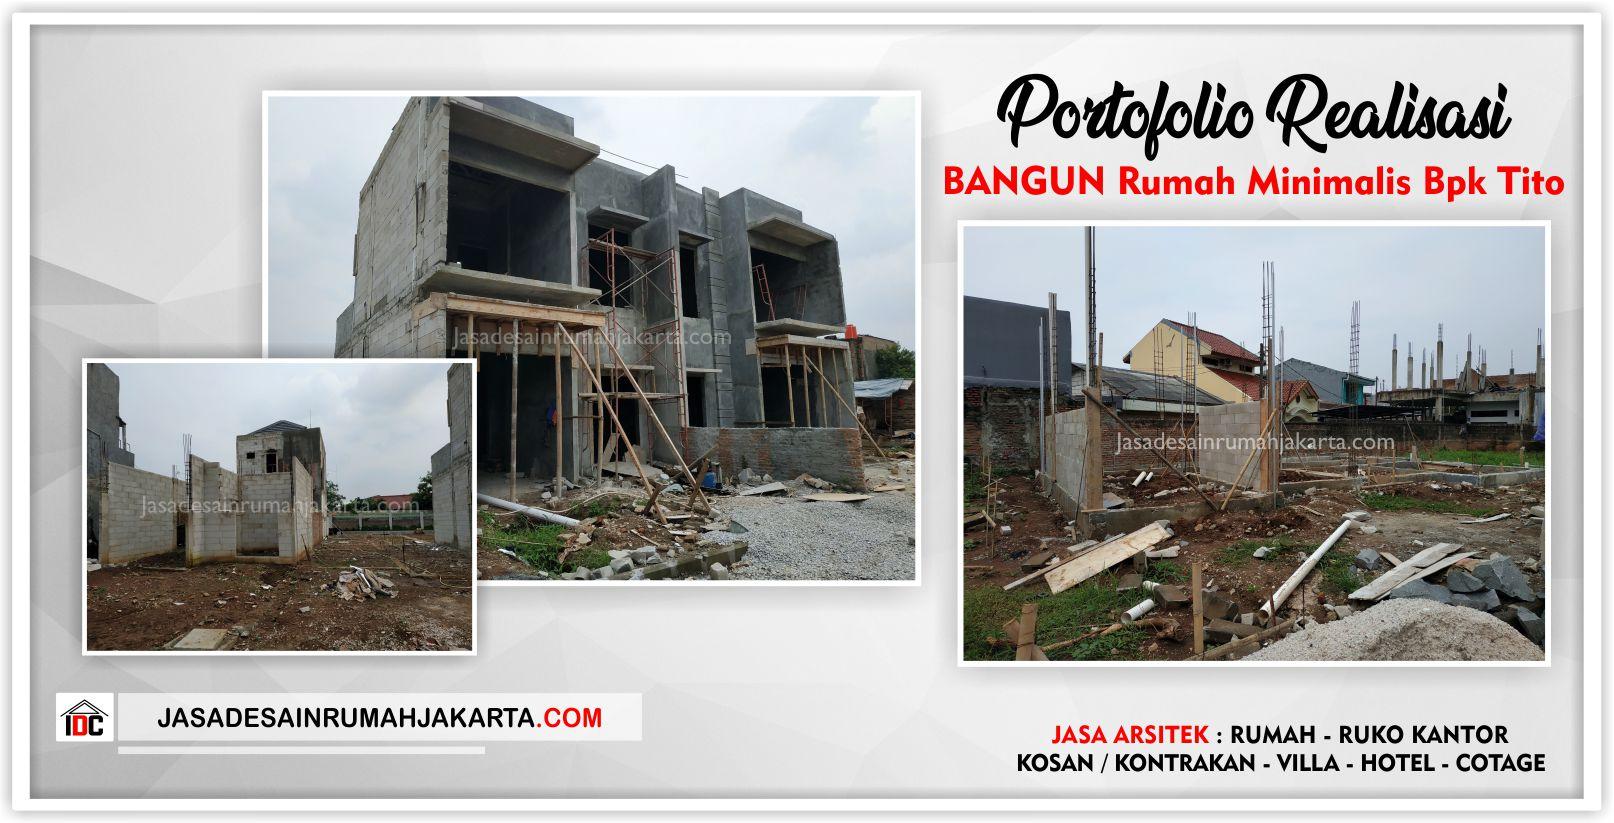 Realisasi Kunjungan Rumah Bpk Tito-Arsitek Gambar Desain Rumah Minimalis Modern Di Bekasi-Jakarta-Surabaya-Tangerang-Jasa Konsultan Desain Arsitek Profesional 3